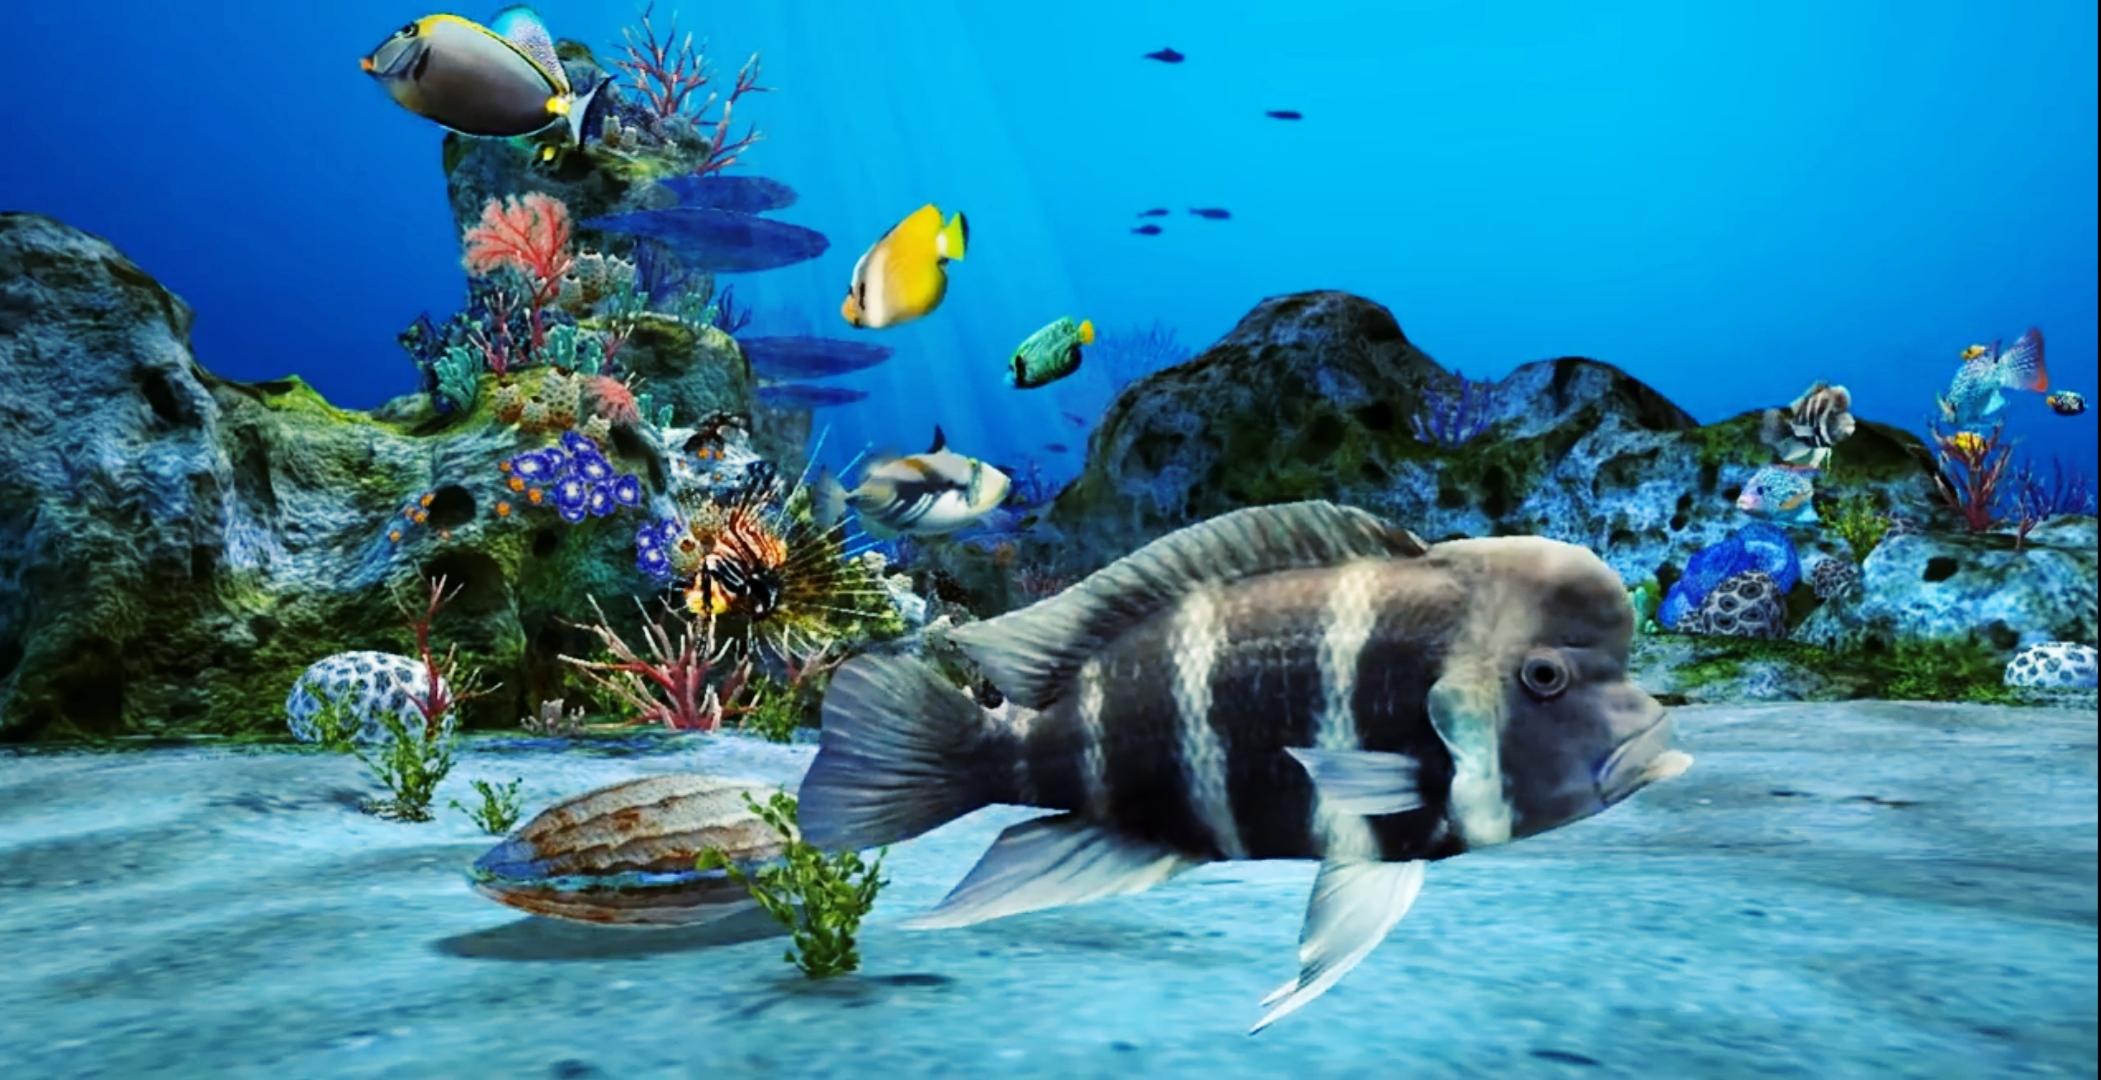 Img 20191123 181806 - 3d Aquarium , HD Wallpaper & Backgrounds